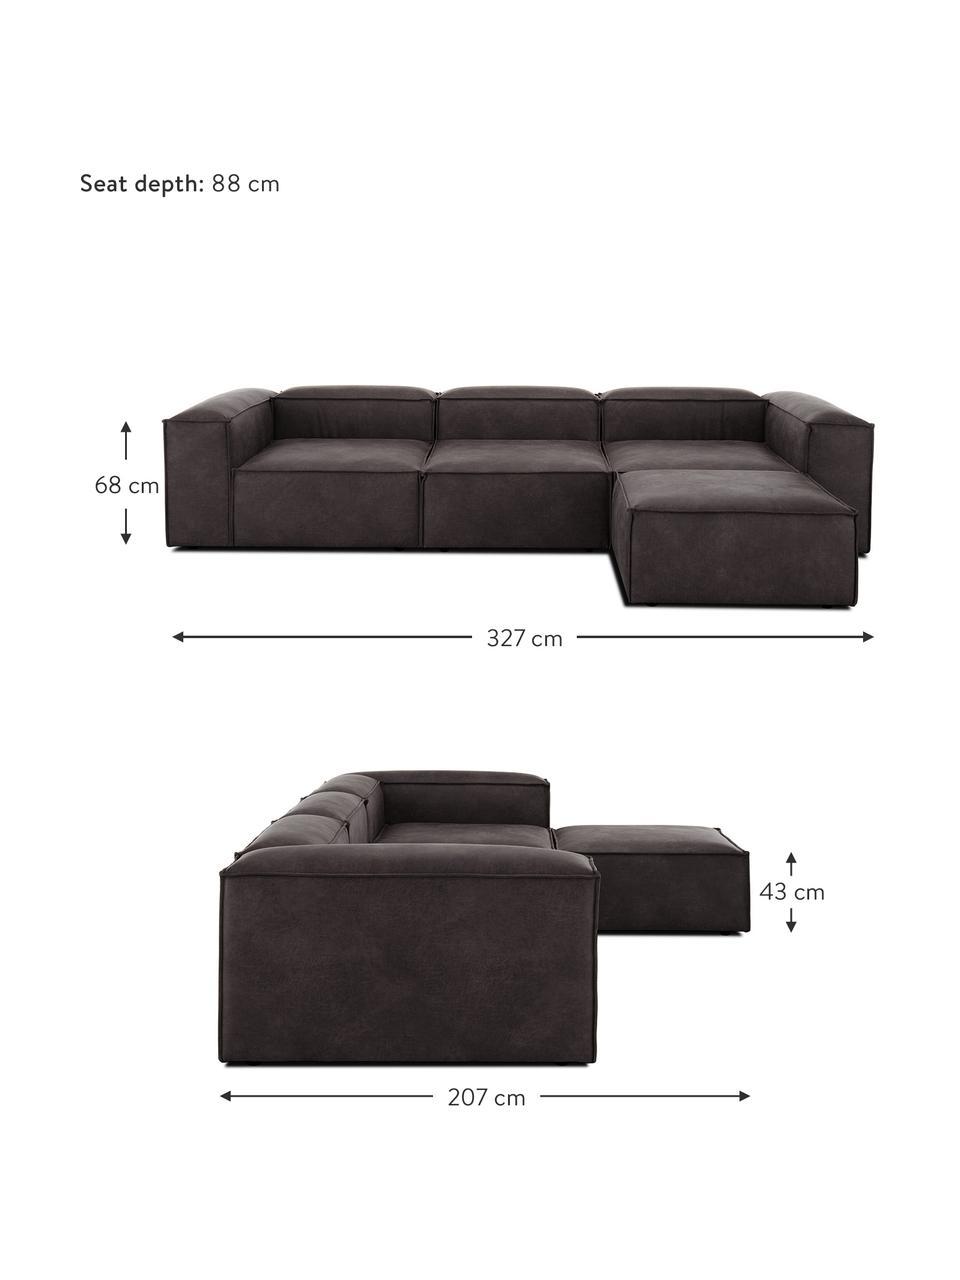 Sofa modułowa ze skóry z recyklingu z pufem Lennon (4-osobowa), Tapicerka: skóra pochodząca z recykl, Stelaż: lite drewno sosnowe, skle, Nogi: tworzywo sztuczne Nogi zn, Skórzany szarobrązowy, S 327 x G 207 cm